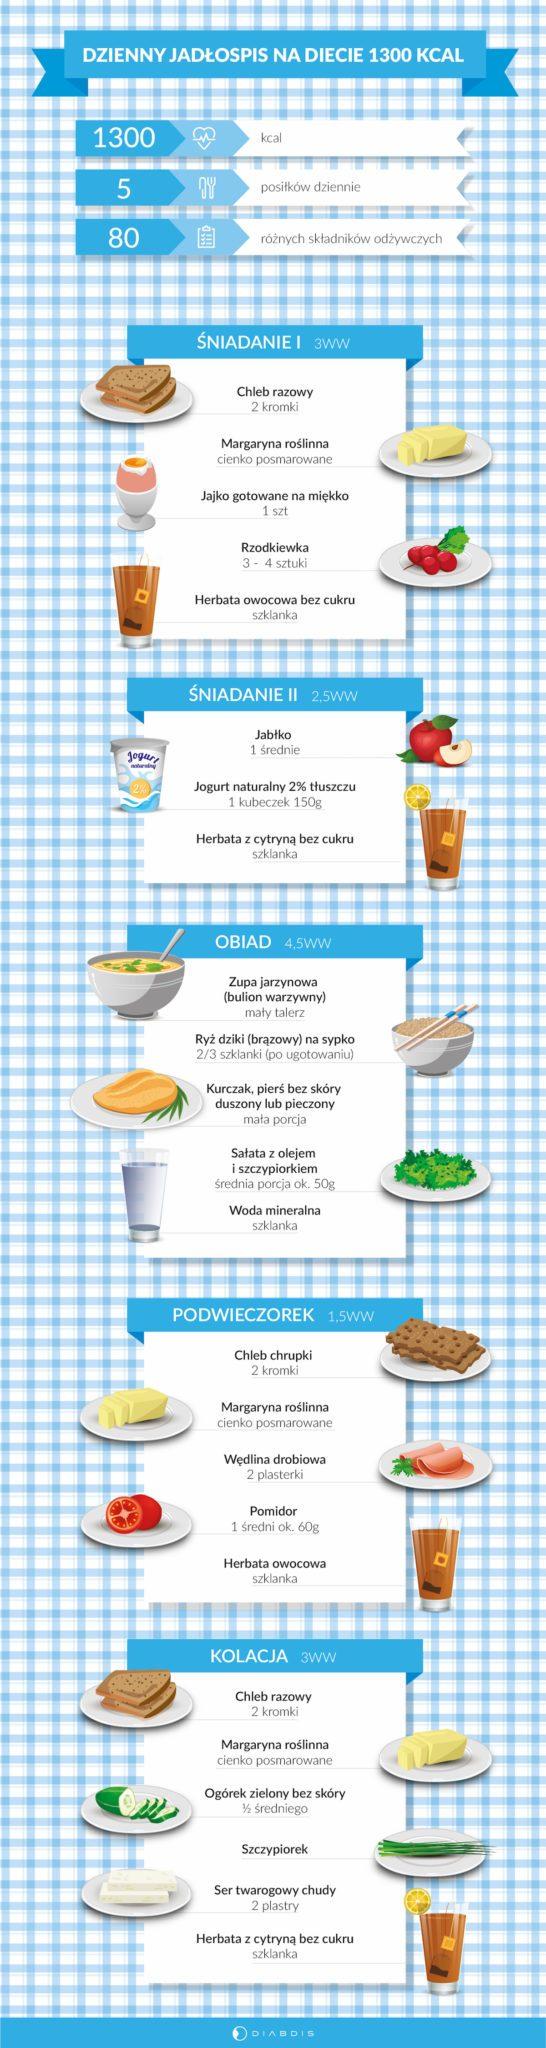 Dieta Przy Cukrzycy 1300 Kcal Dzienny Jadlospis Dla Diabetyka